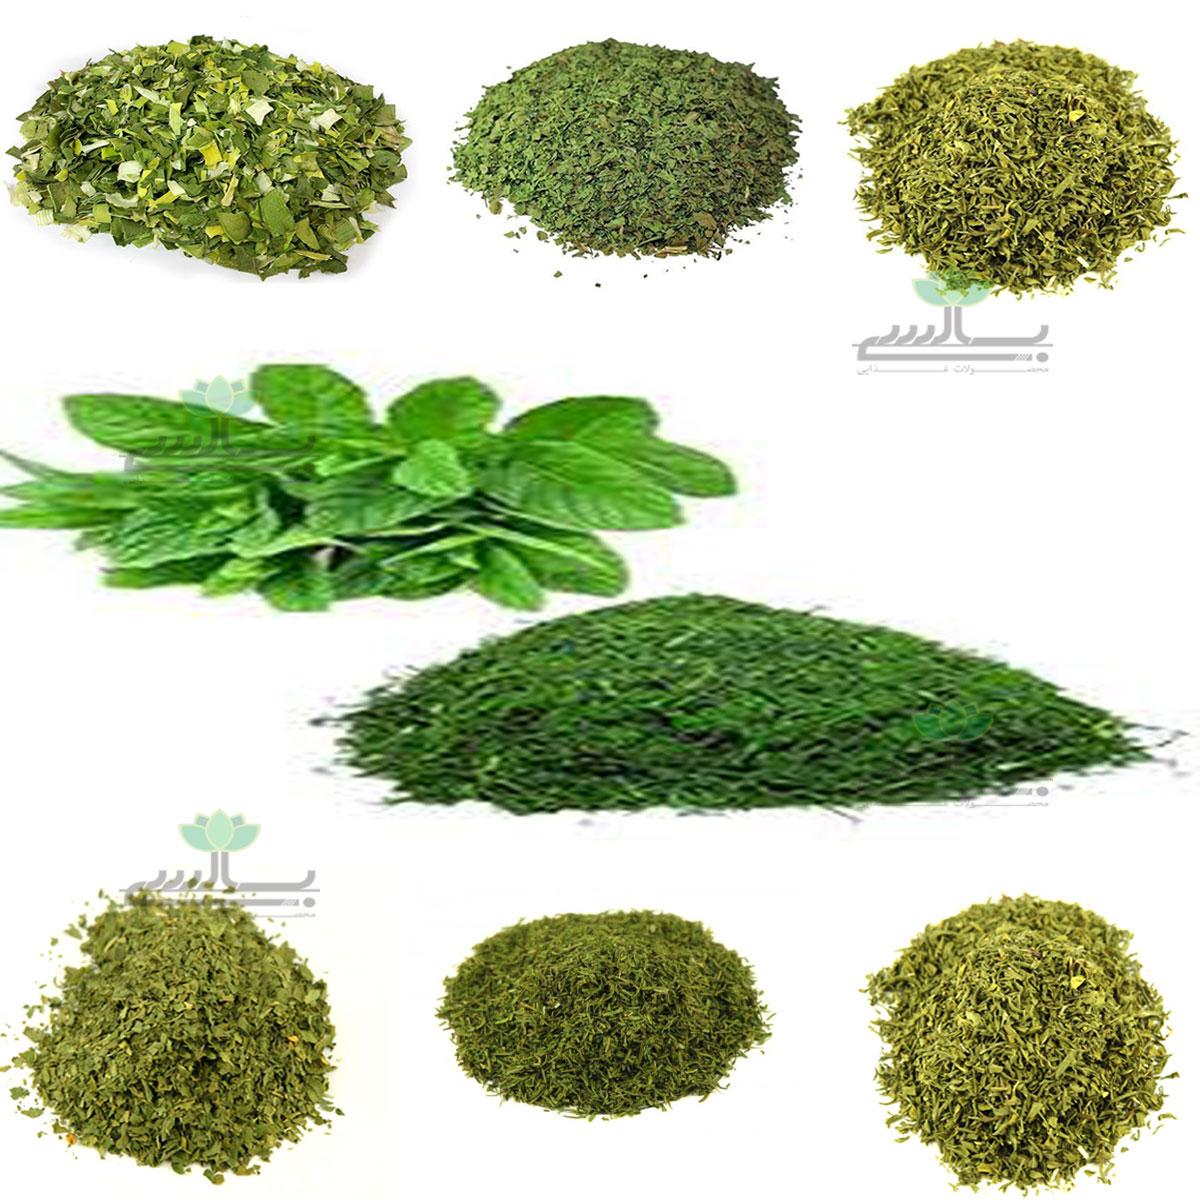 سبزی کوفته خشک بالسی